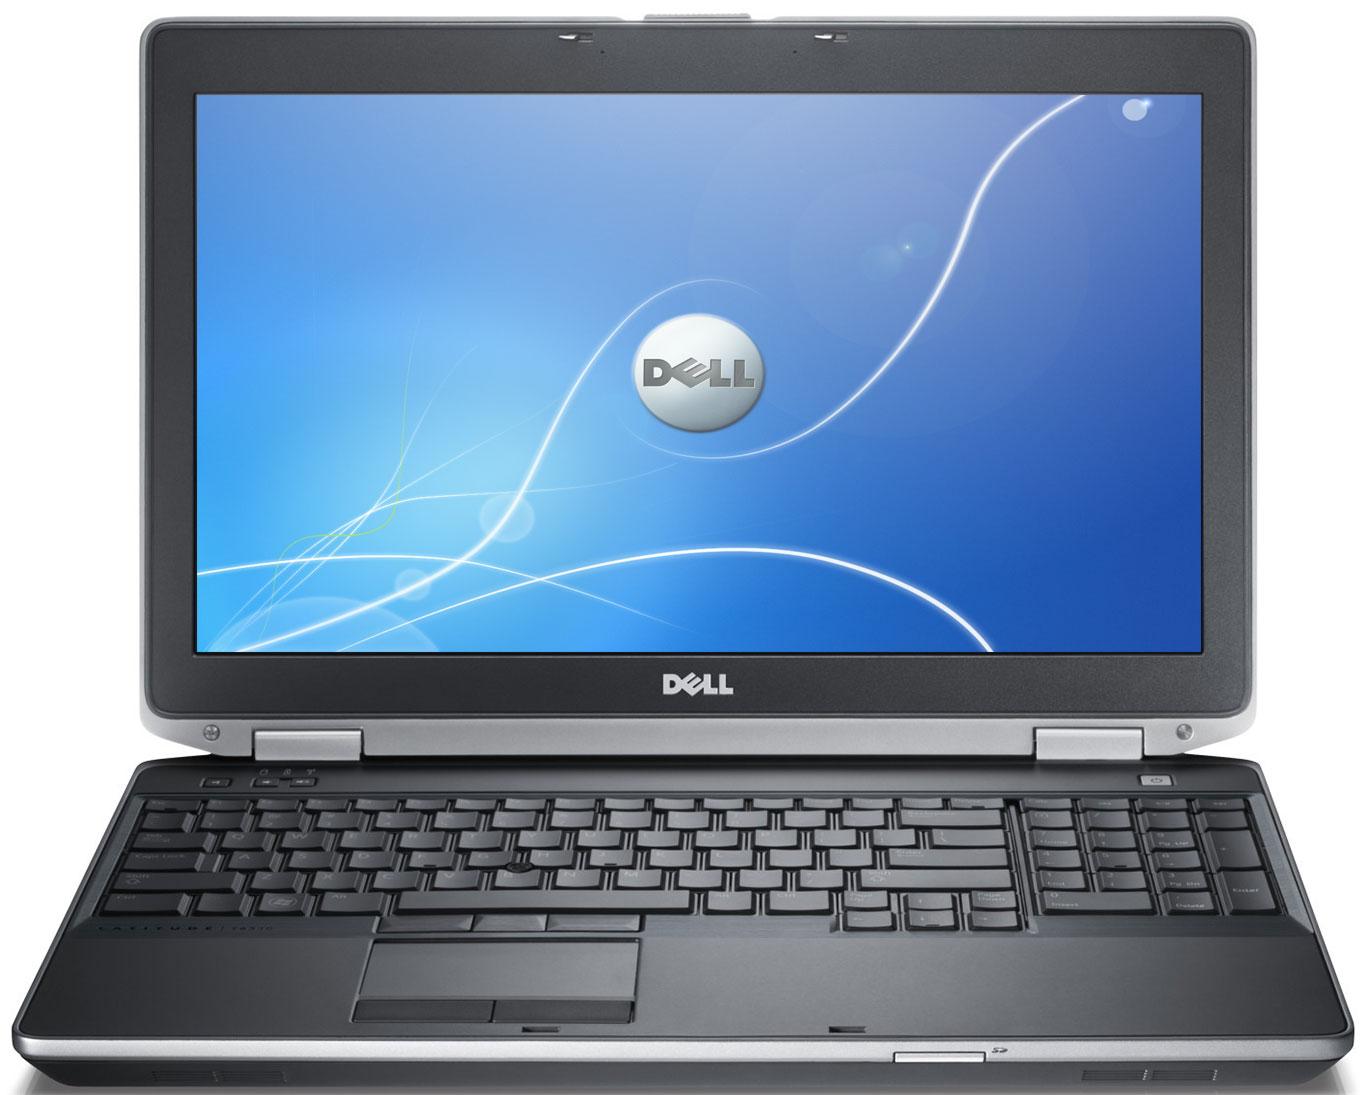 【500円クーポン使えます!】中古ノートパソコンDell Latitude E6530 E6530 【中古】 Dell Latitude E6530 中古ノートパソコンCore i5 Win7 Pro Dell Latitude E6530 中古ノートパソコンCore i5 Win7 Pro